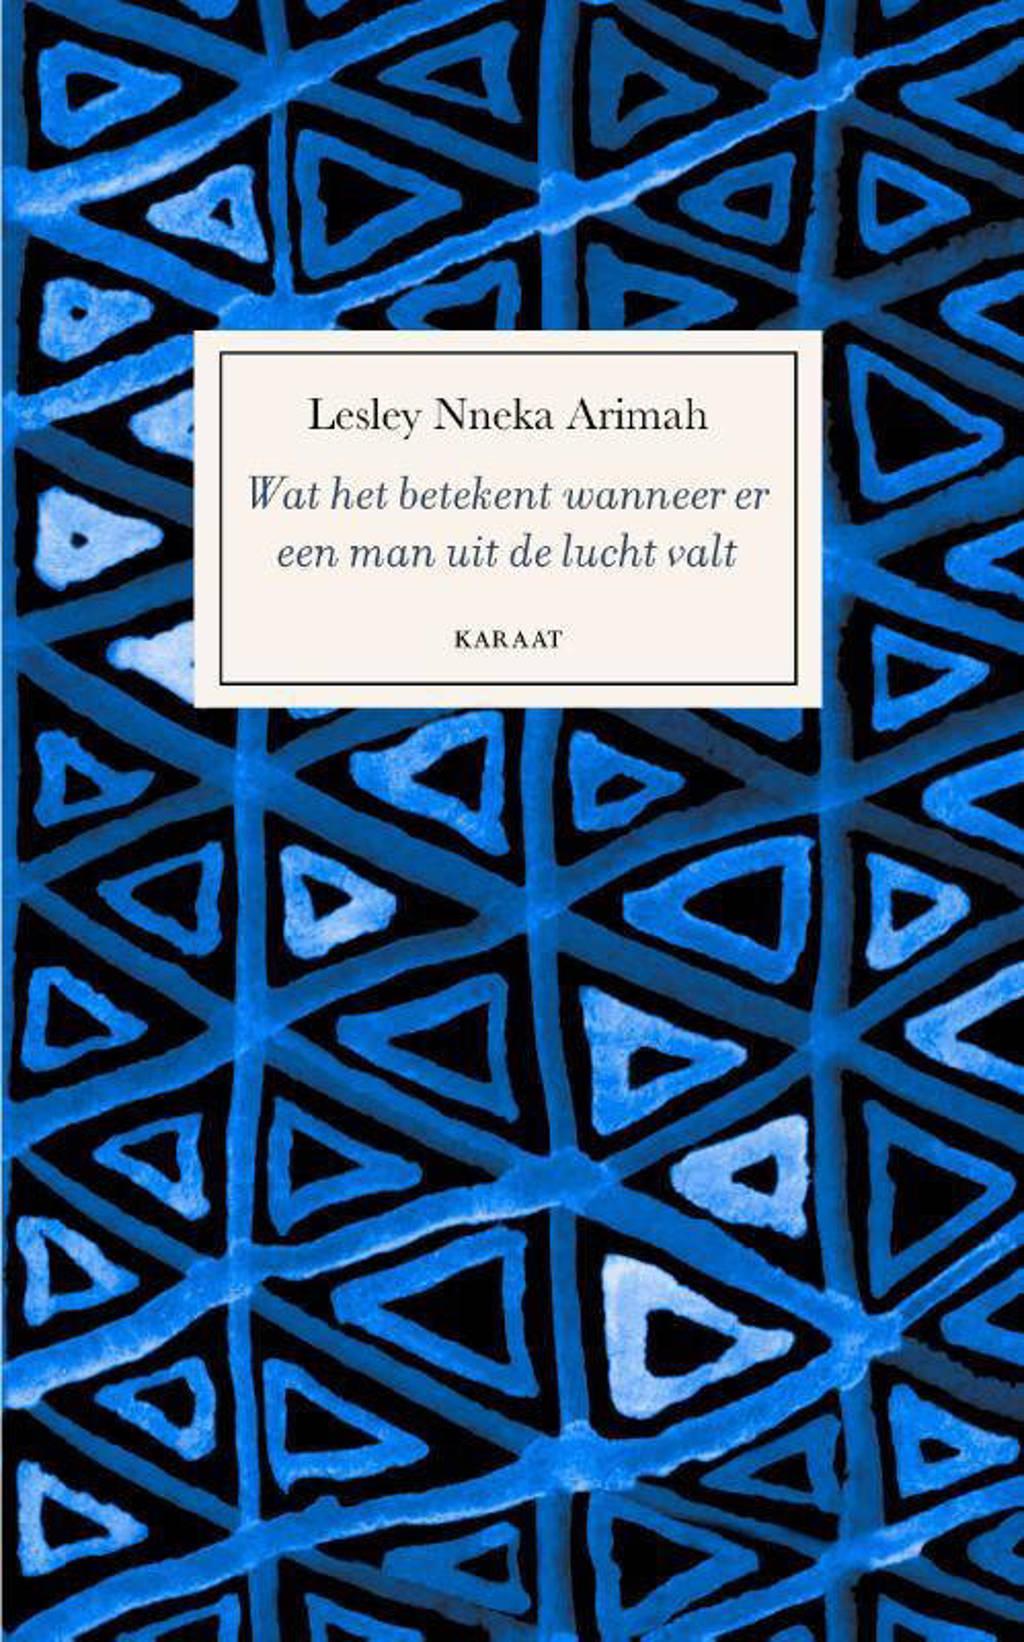 Wat het betekent wanneer er een man uit de lucht valt - Lesley Nneka Arimah